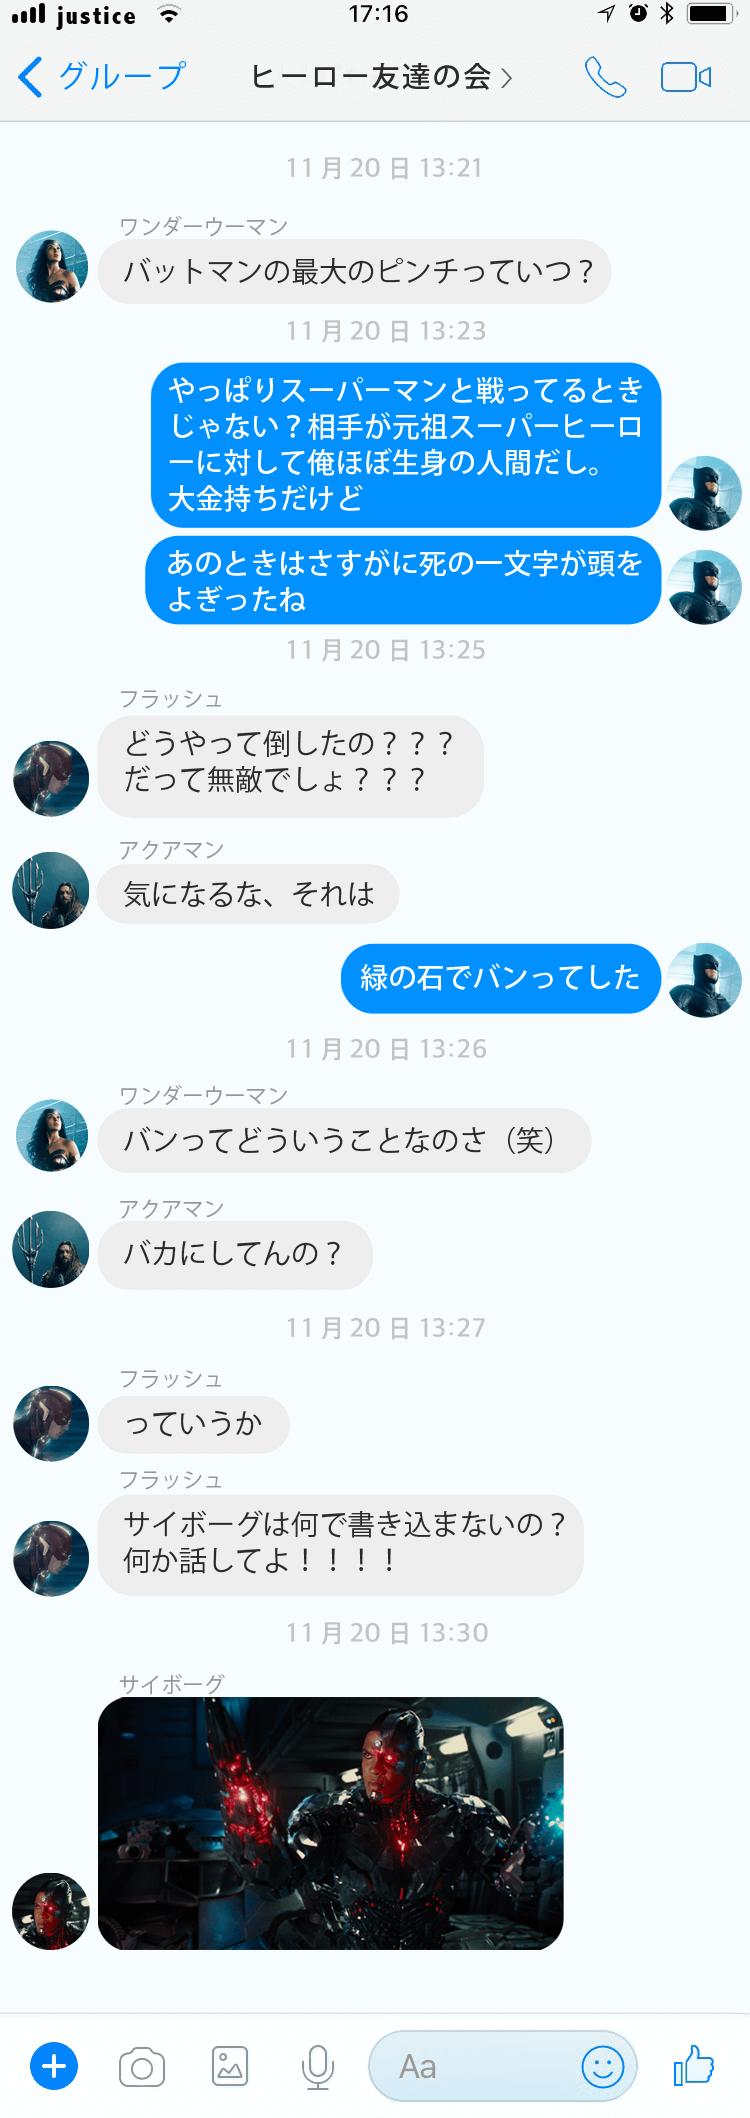 justice_messenger3